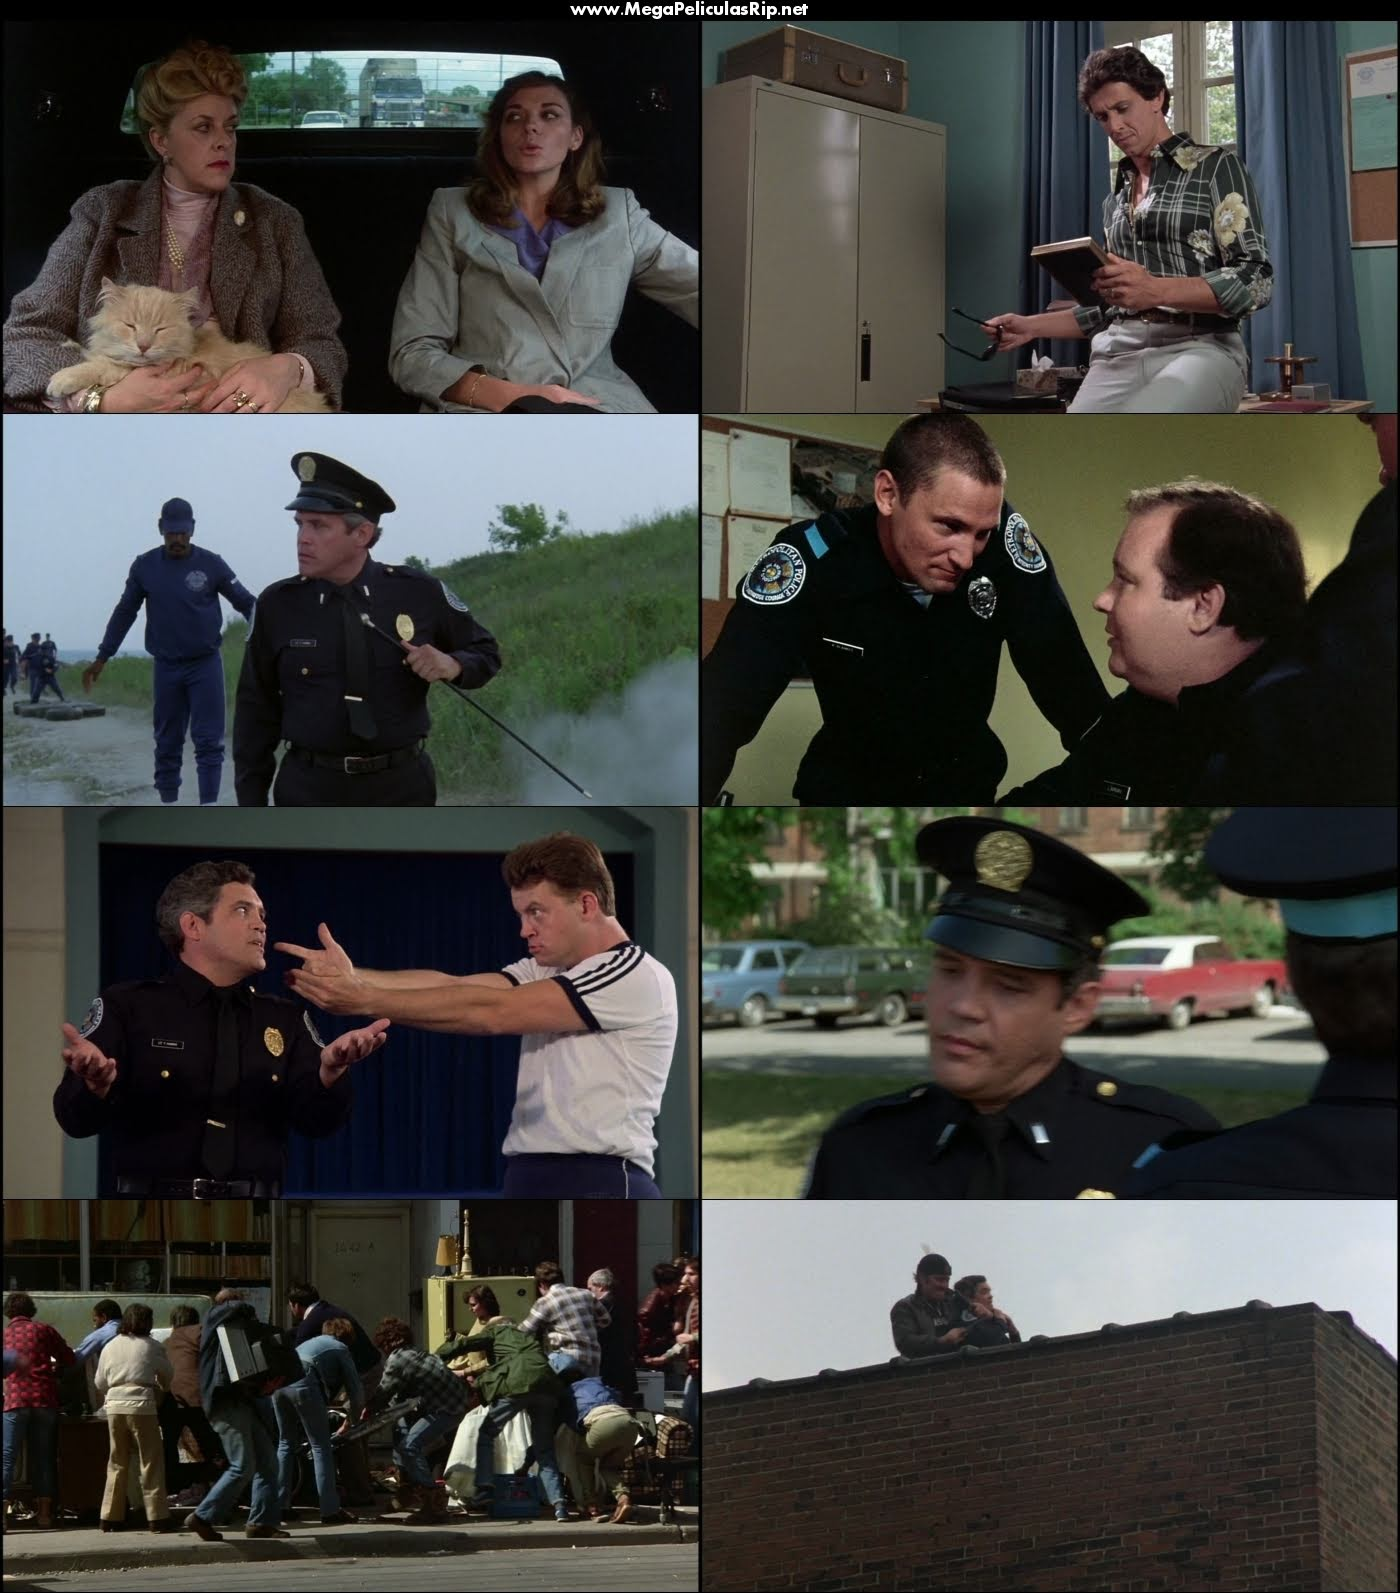 Locademia de policia 1080p Latino